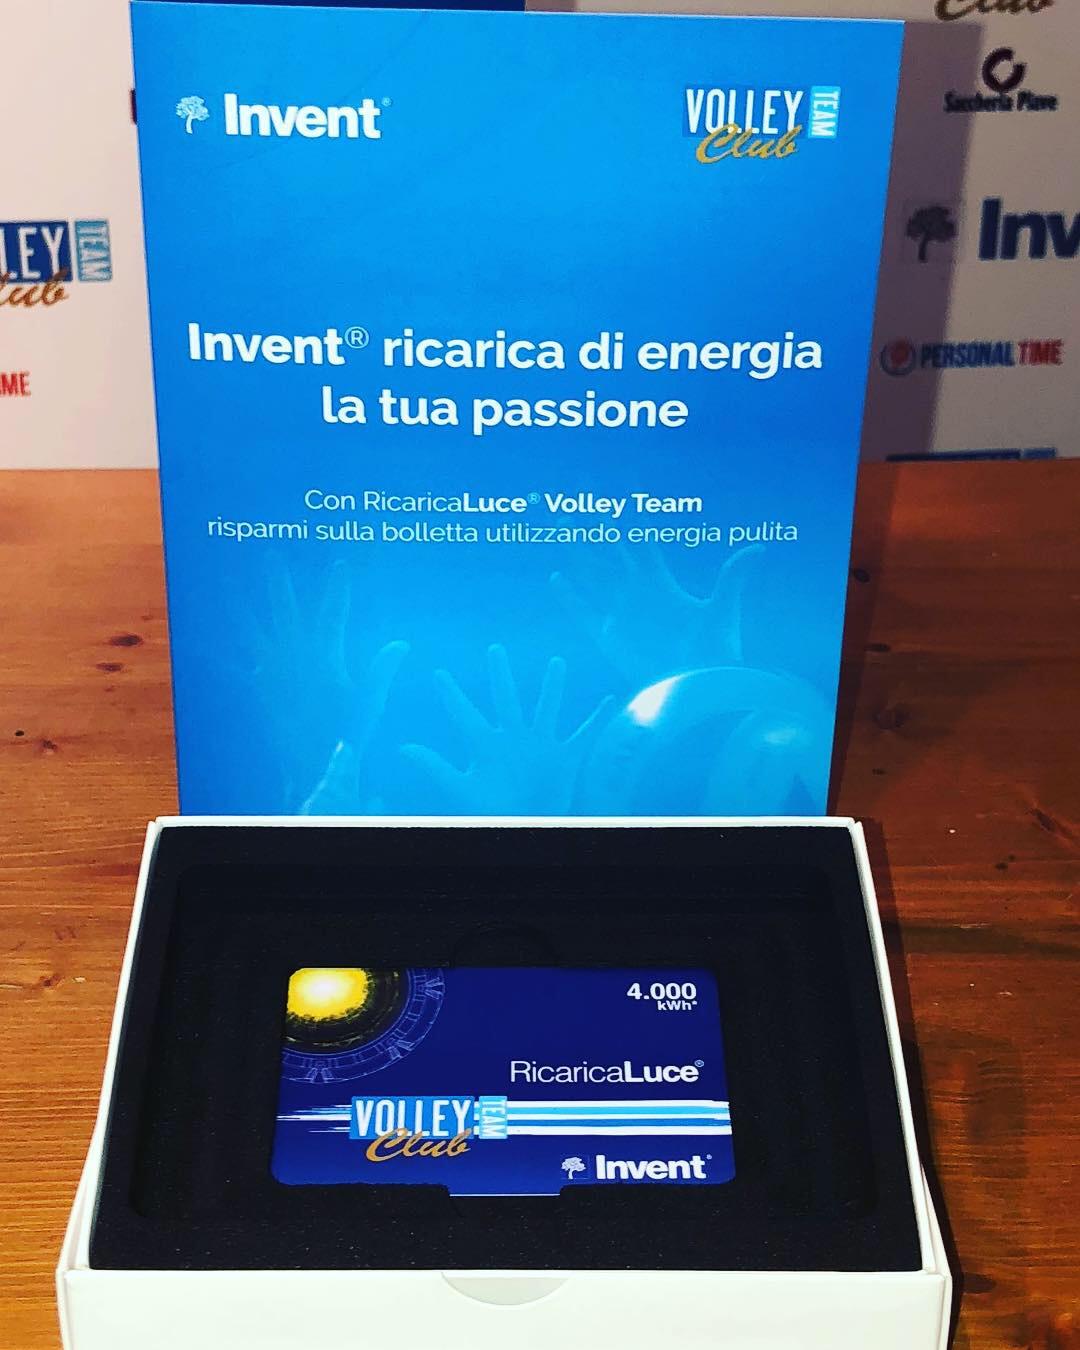 Il nostro Main Sponsor Invent ricarica di energia la tua passione!